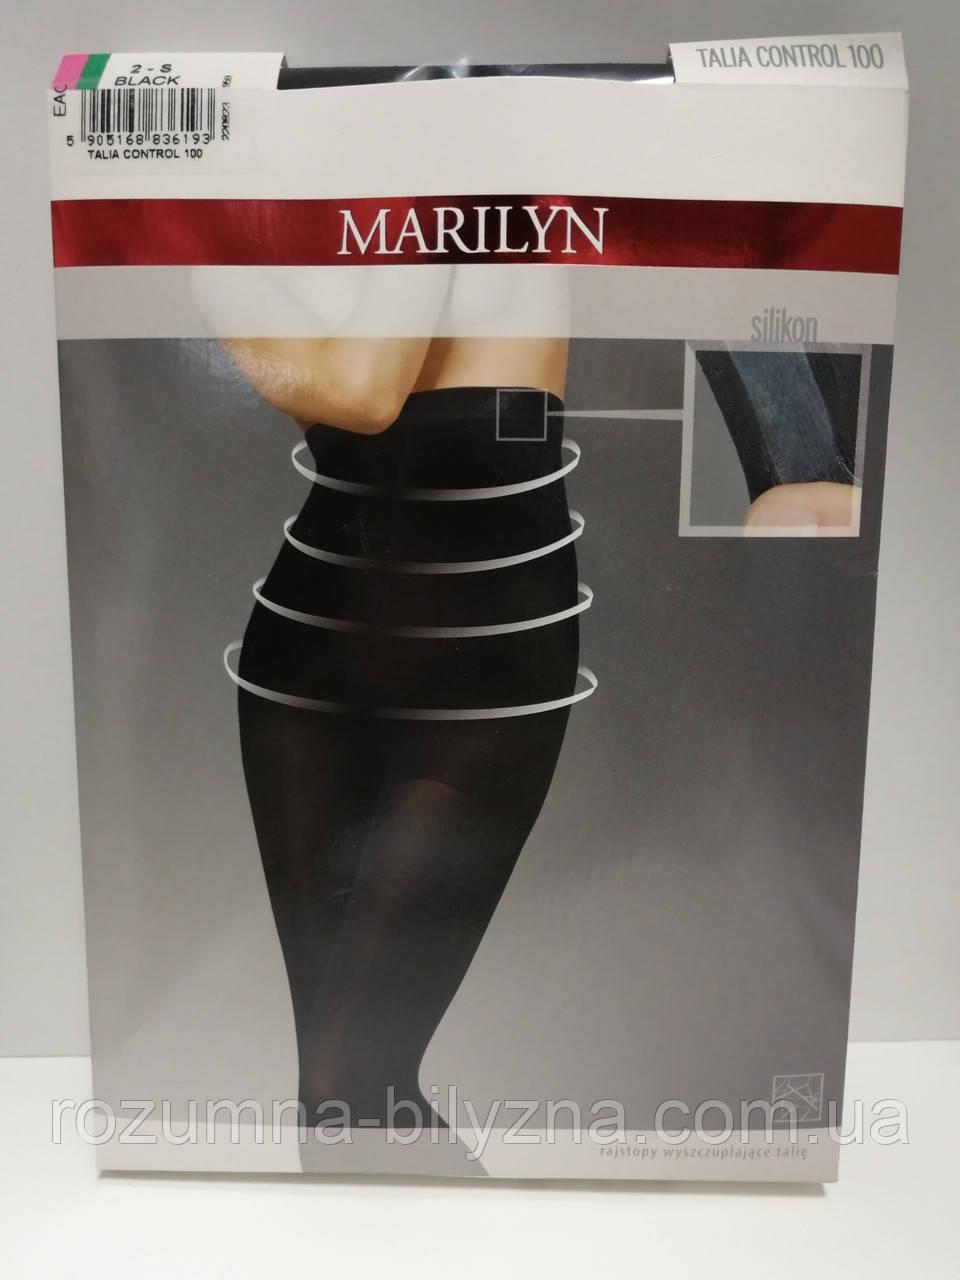 Колготи 100 Den, Talia Control, TM Marilyne,  Польща,розмір:4L